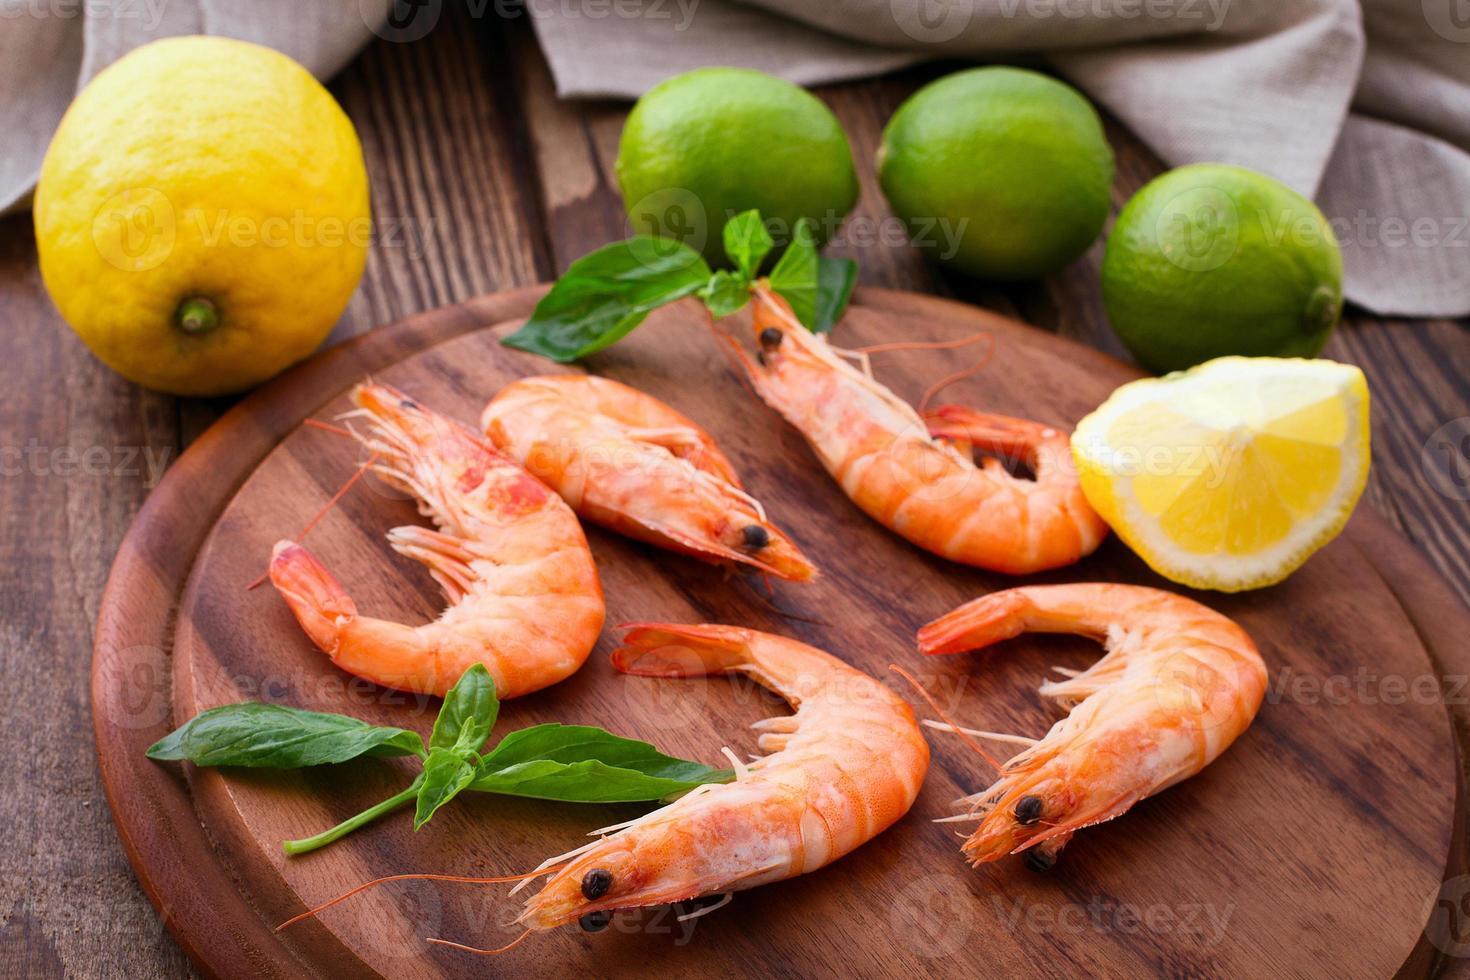 camarão delicioso marisco fresco com limão na mesa de madeira foto